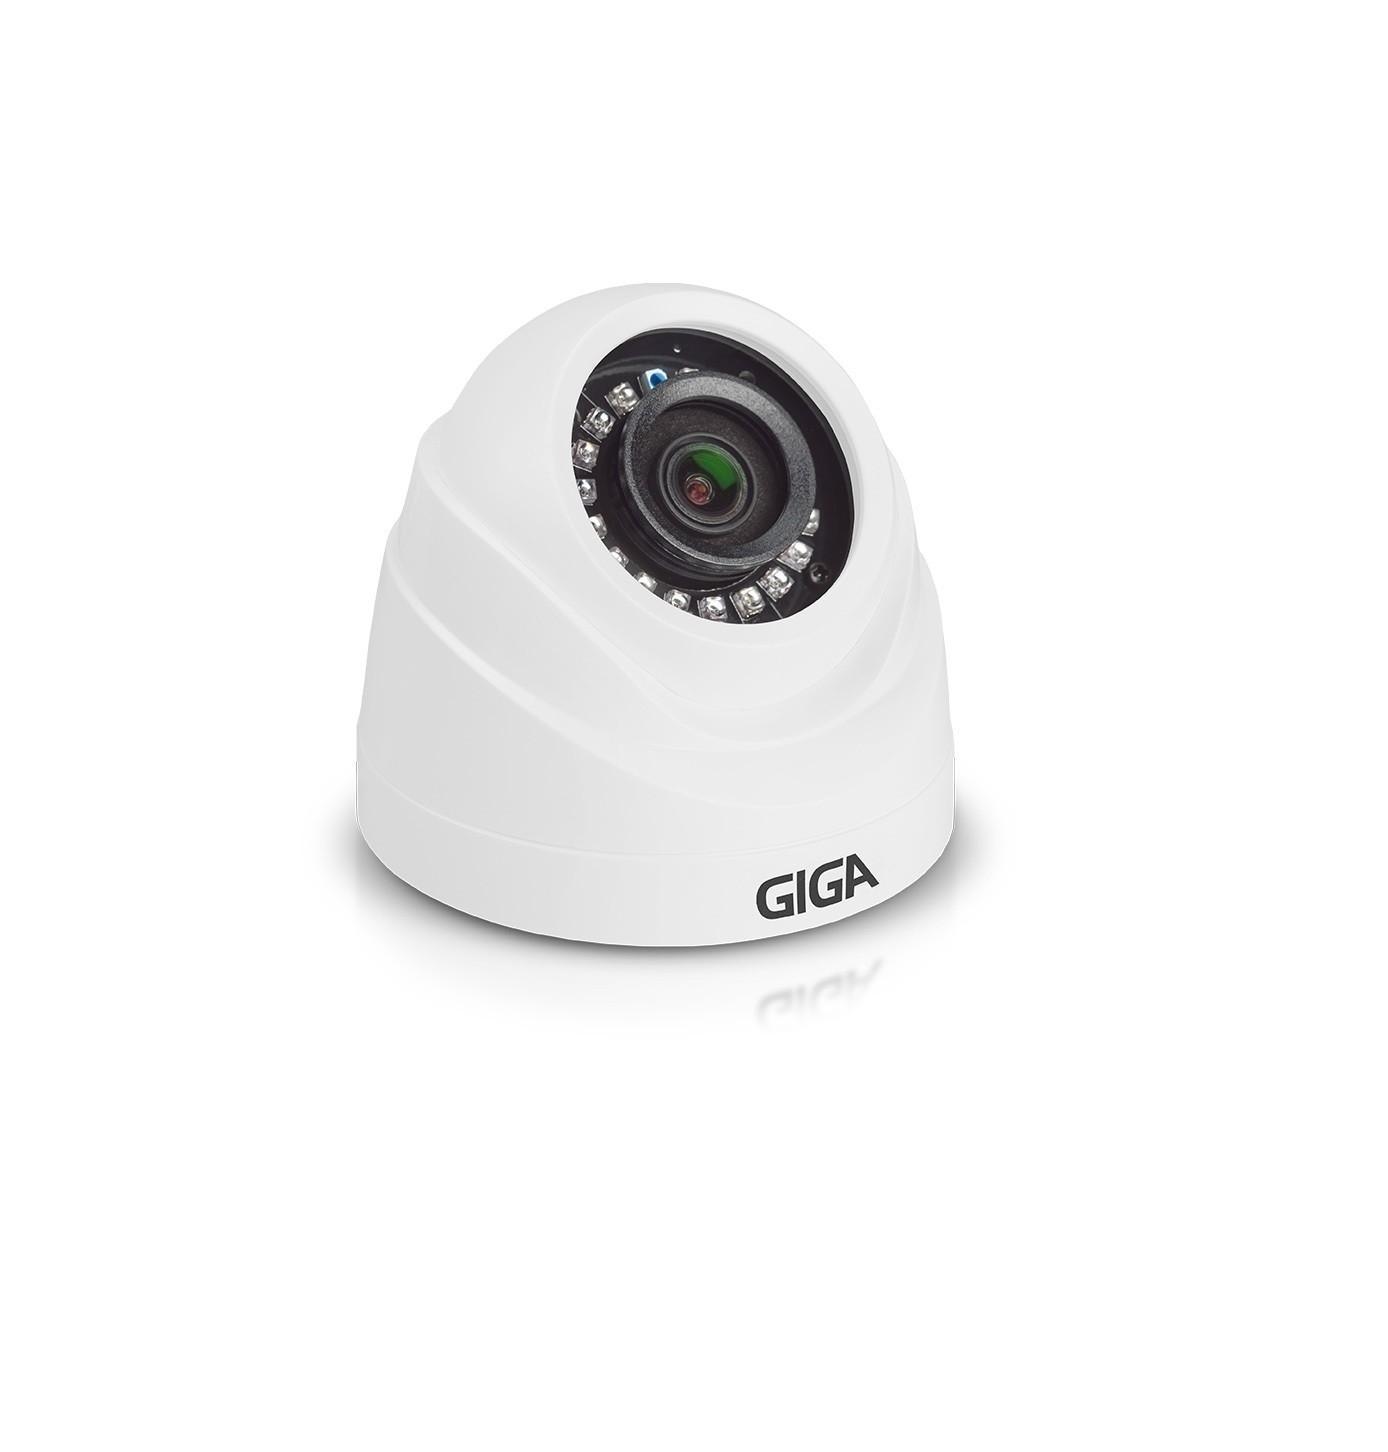 CAMERA GIGA HD 720P 20M DOME PLASTICO 2.6MM - ORION - GS0019